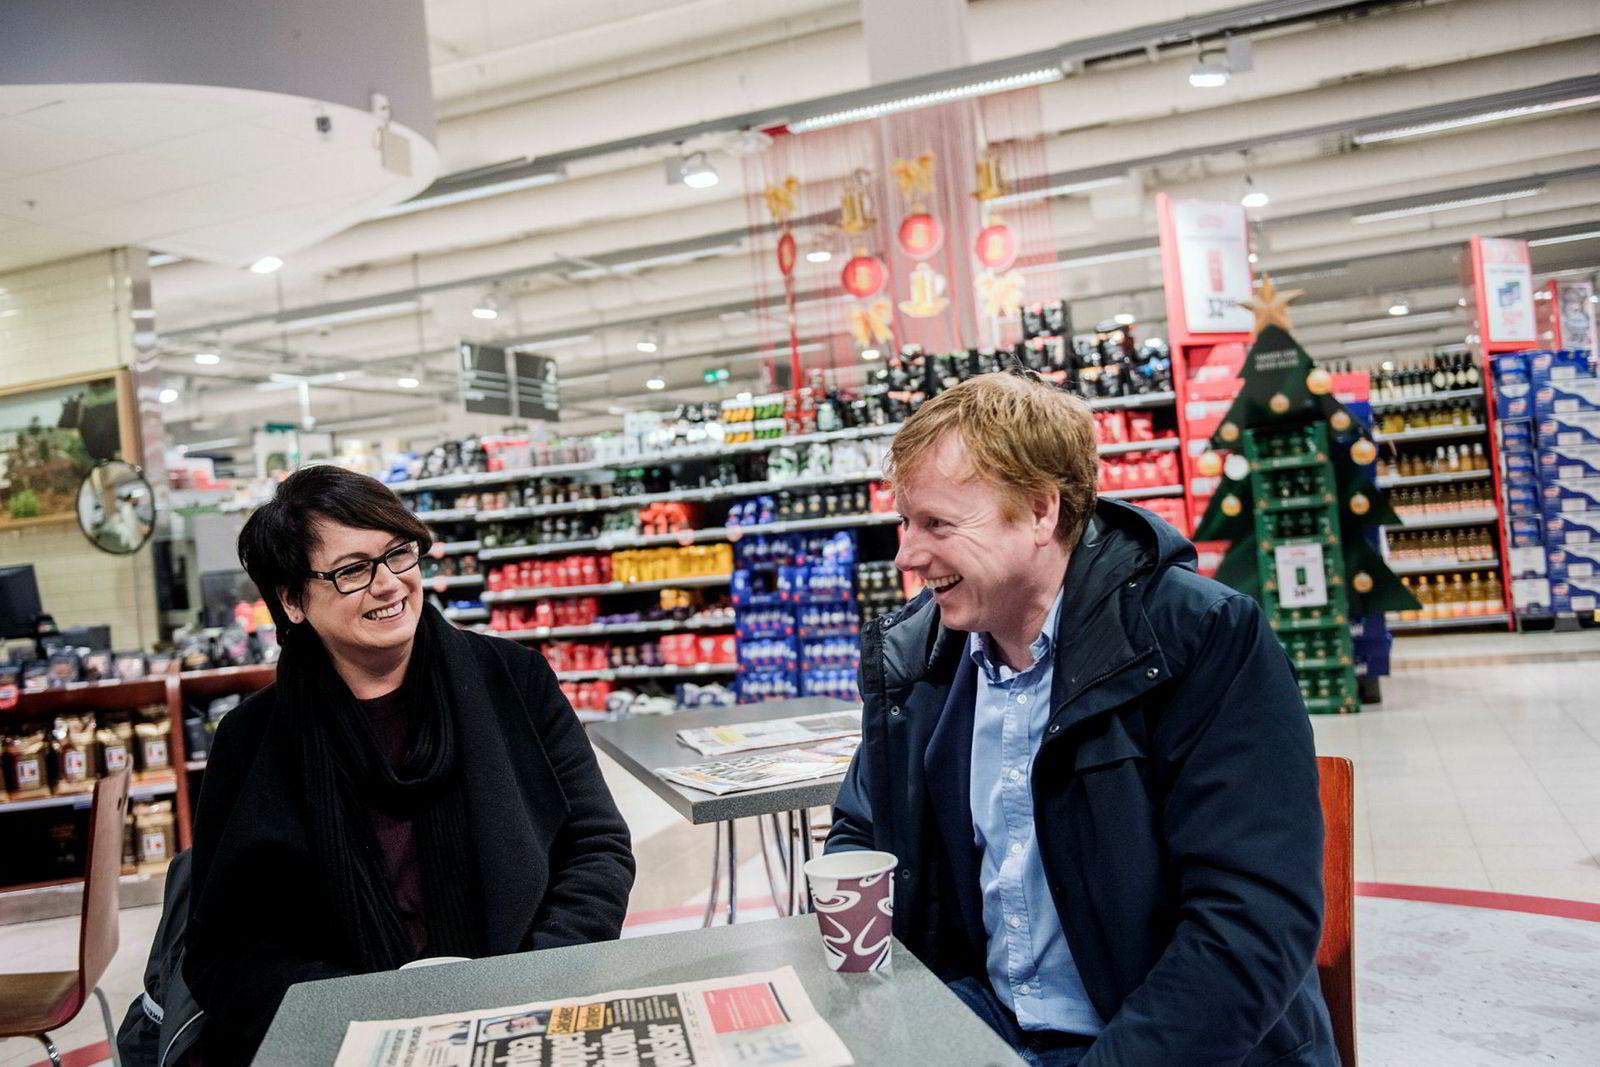 Fra venstre: Trine Sandberg, som står bak Trines matblogg og Meny-sjef Vegard Kjuus fotografert i forbindelse med deres samarbeid, som gjør at Sandbergs blogglesere kan få varene til oppskriftene brakt hjem fra Meny.